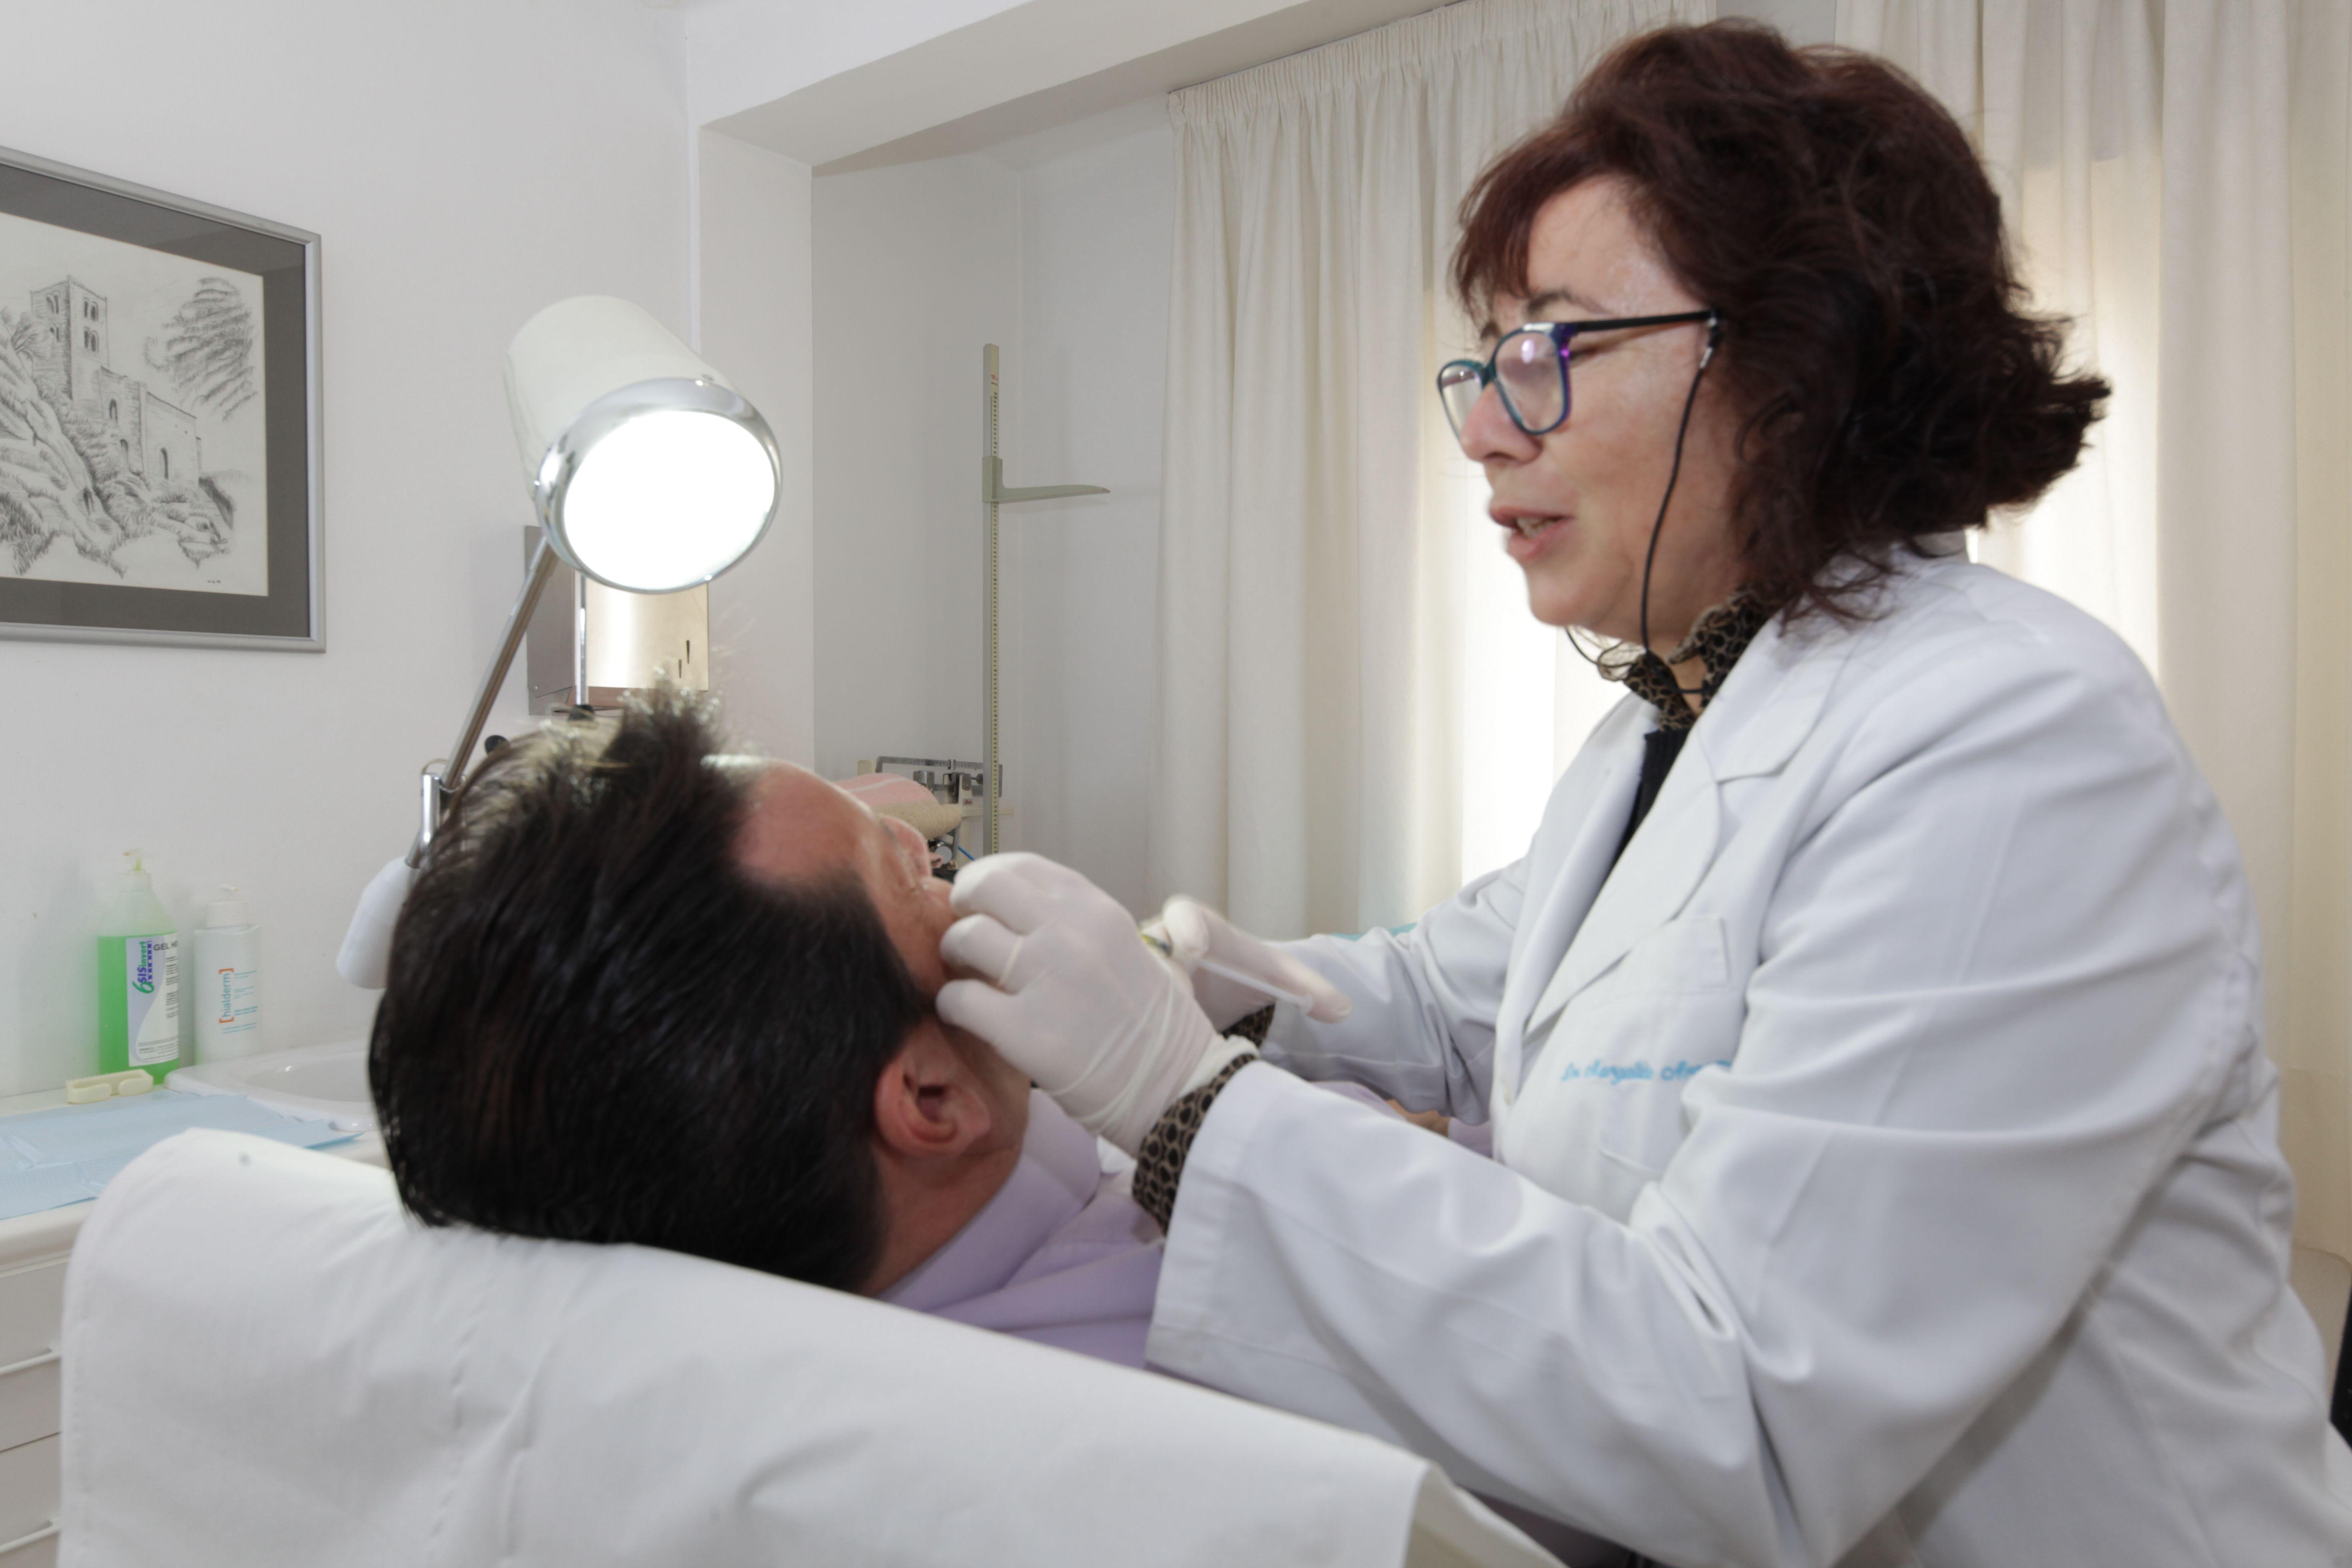 Cada paciente cuenta con un trato  especial y personalizado en la consulta de la Dra. Arrom